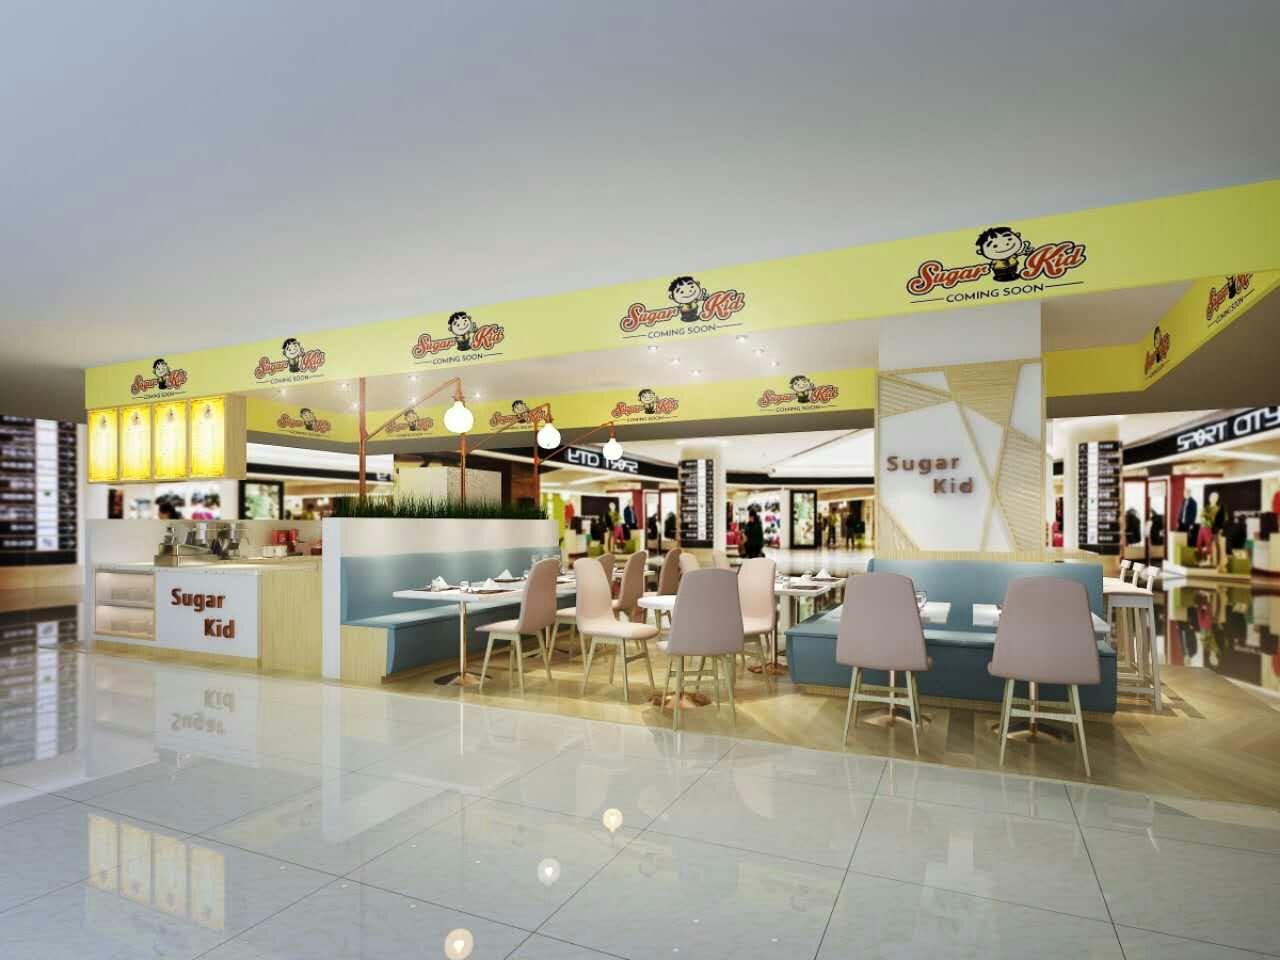 品味健康甜品 老伴豆花甜品福州世欧王庄天虹店即将盛大开业